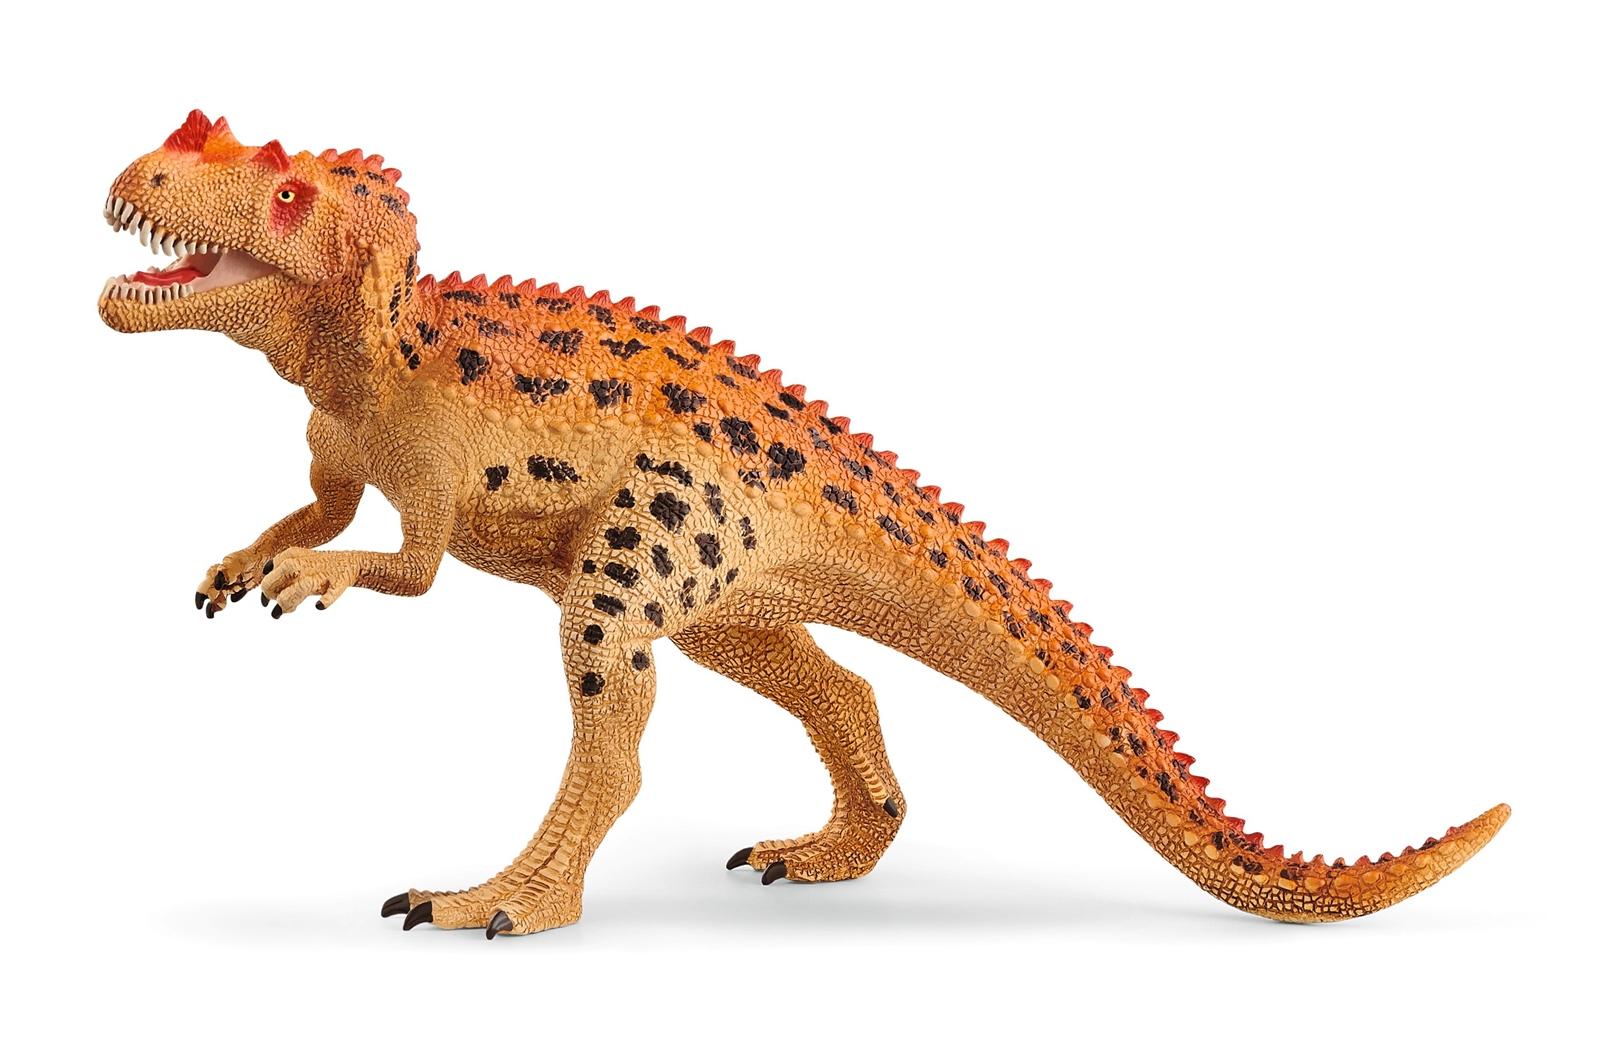 ケラトサウルス 価格:2,178円(税込)